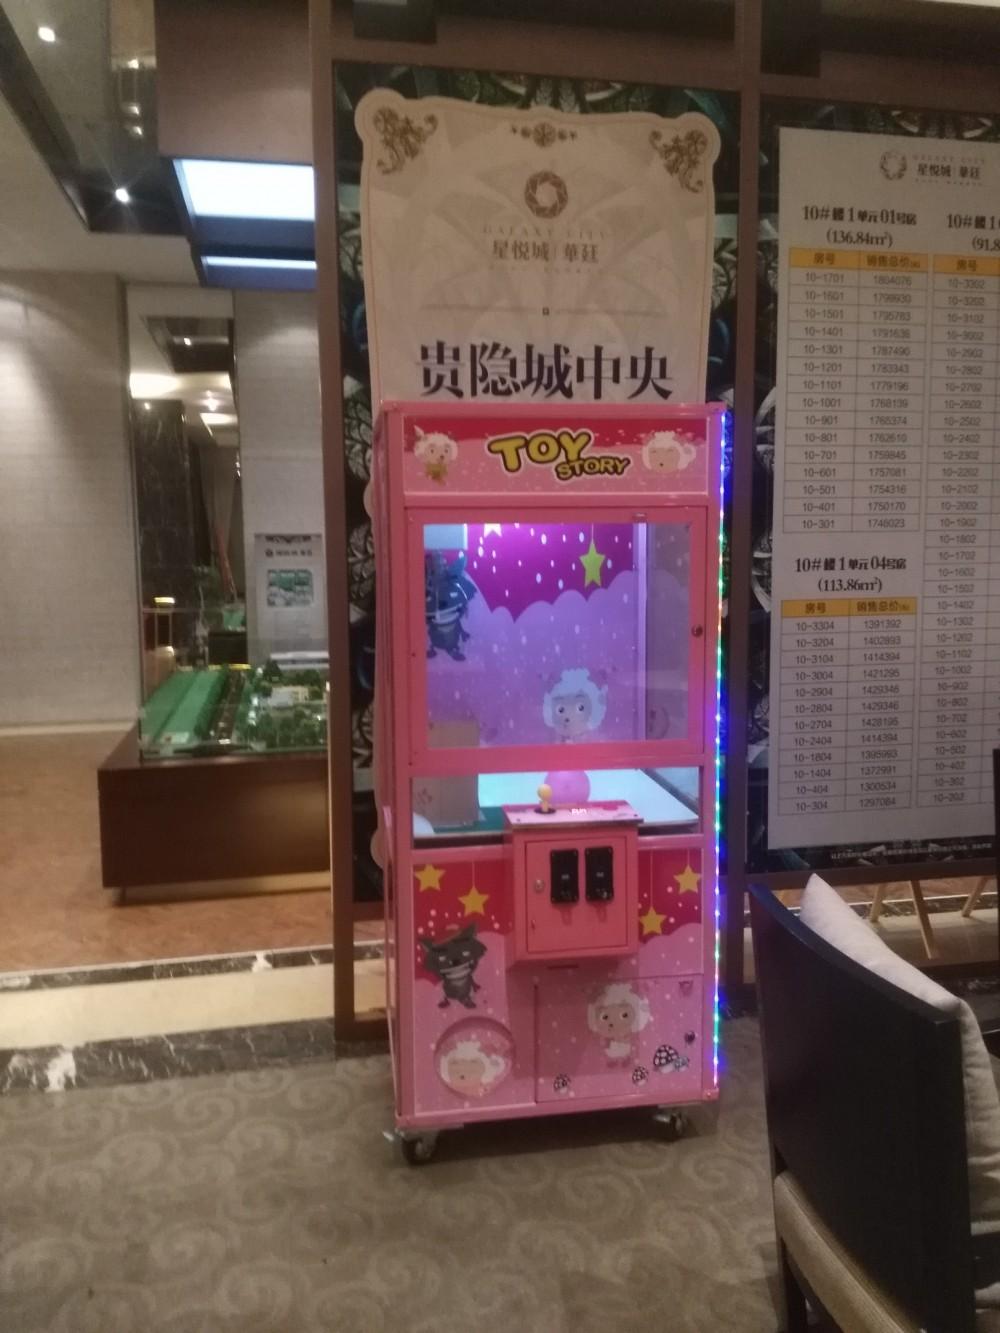 武汉长沙娃娃机出租 抓娃娃机出租 自助抓礼品机出租